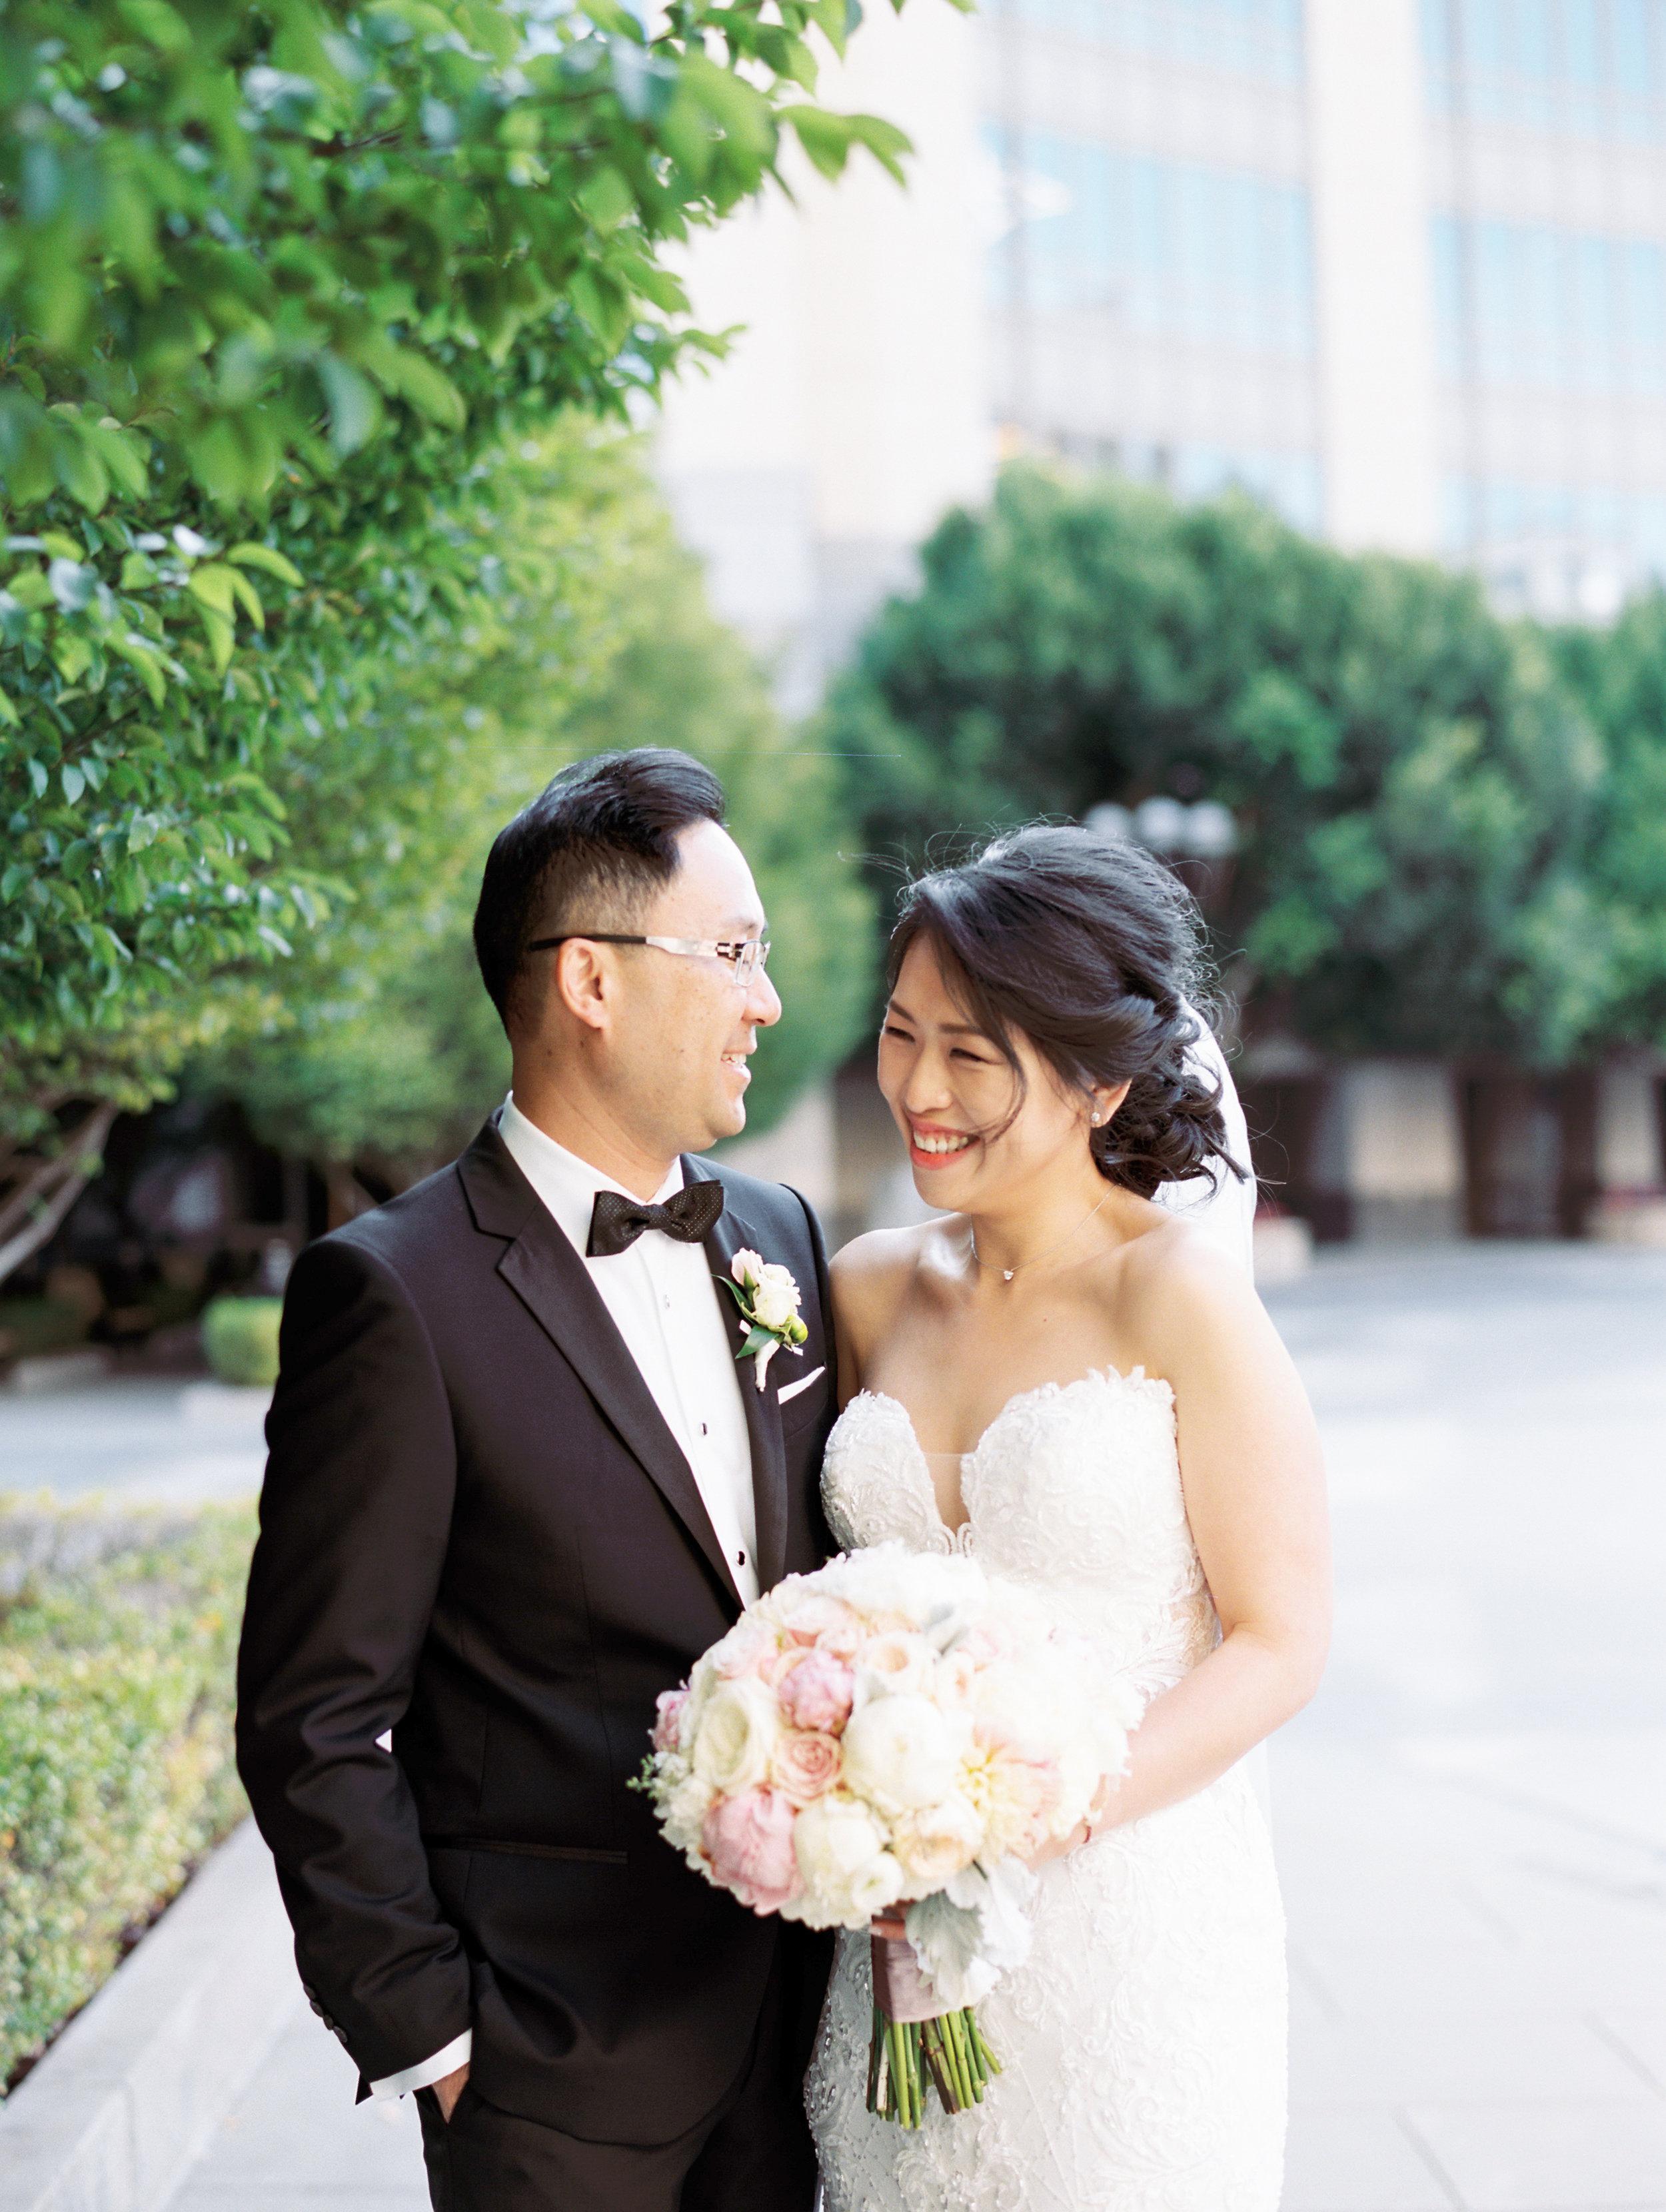 kelsandmichael_wedding_darren&joanne-344.jpg